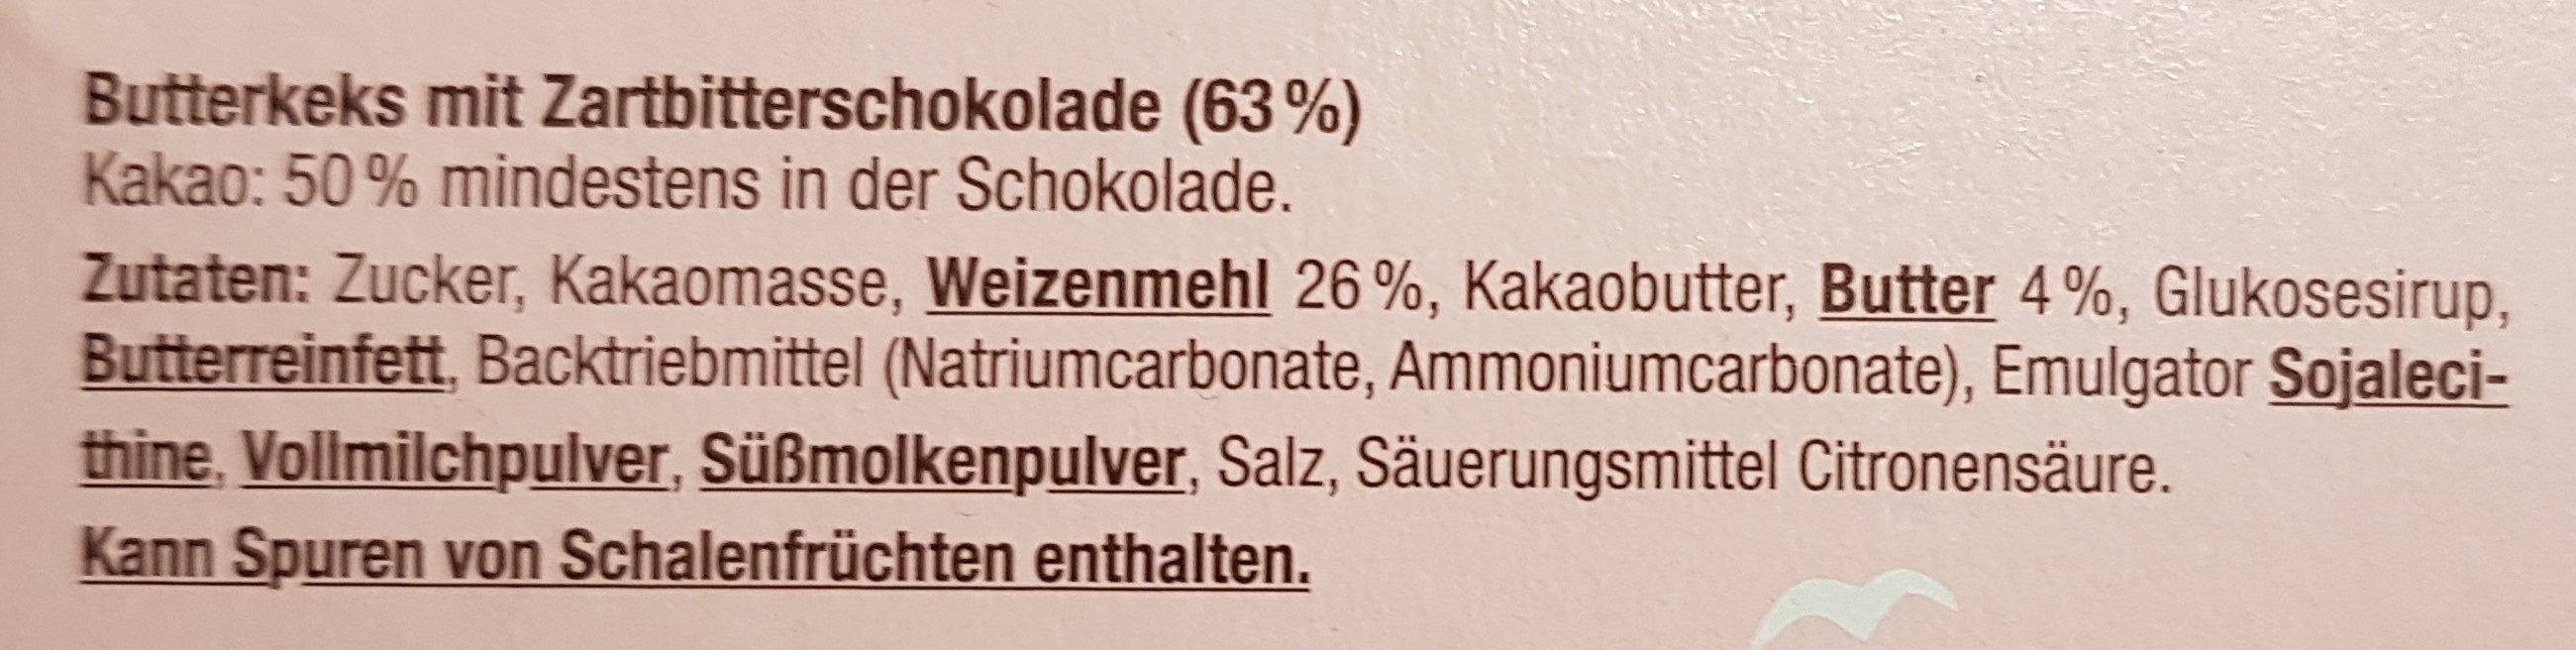 Butterkeks mit Zartbitterschokolade - Ingredients